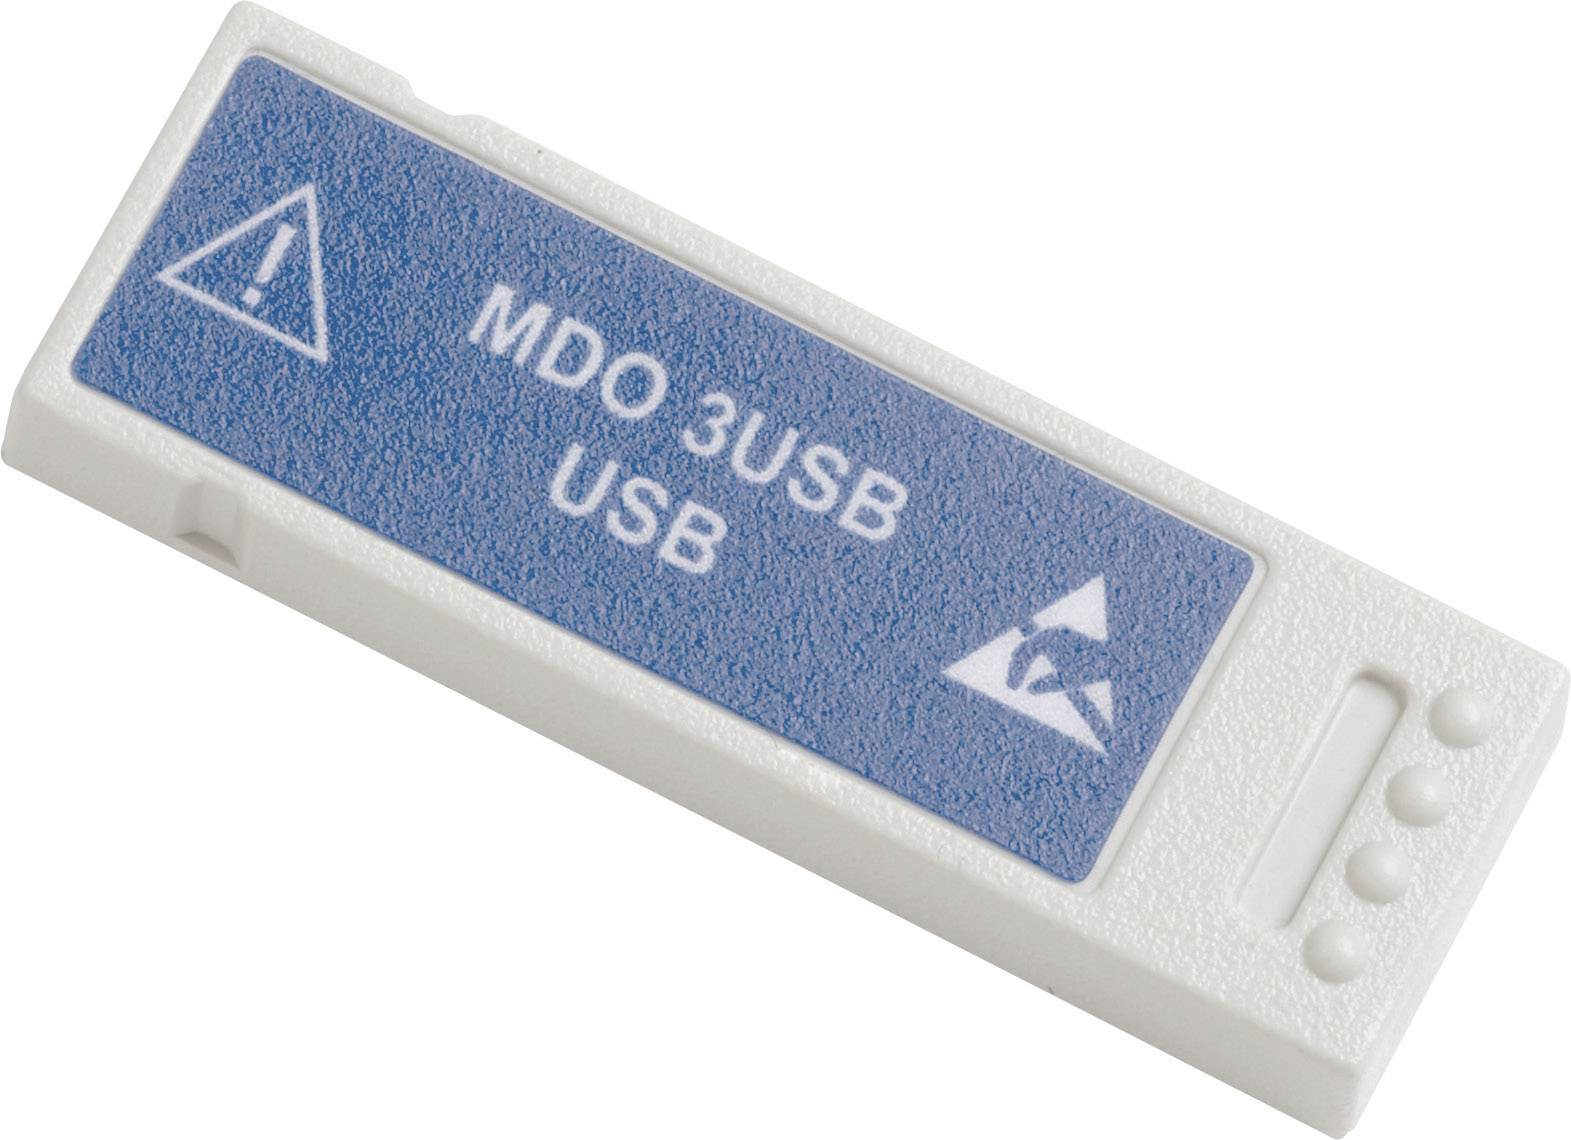 Tektronix MDO3USB MDO3USB